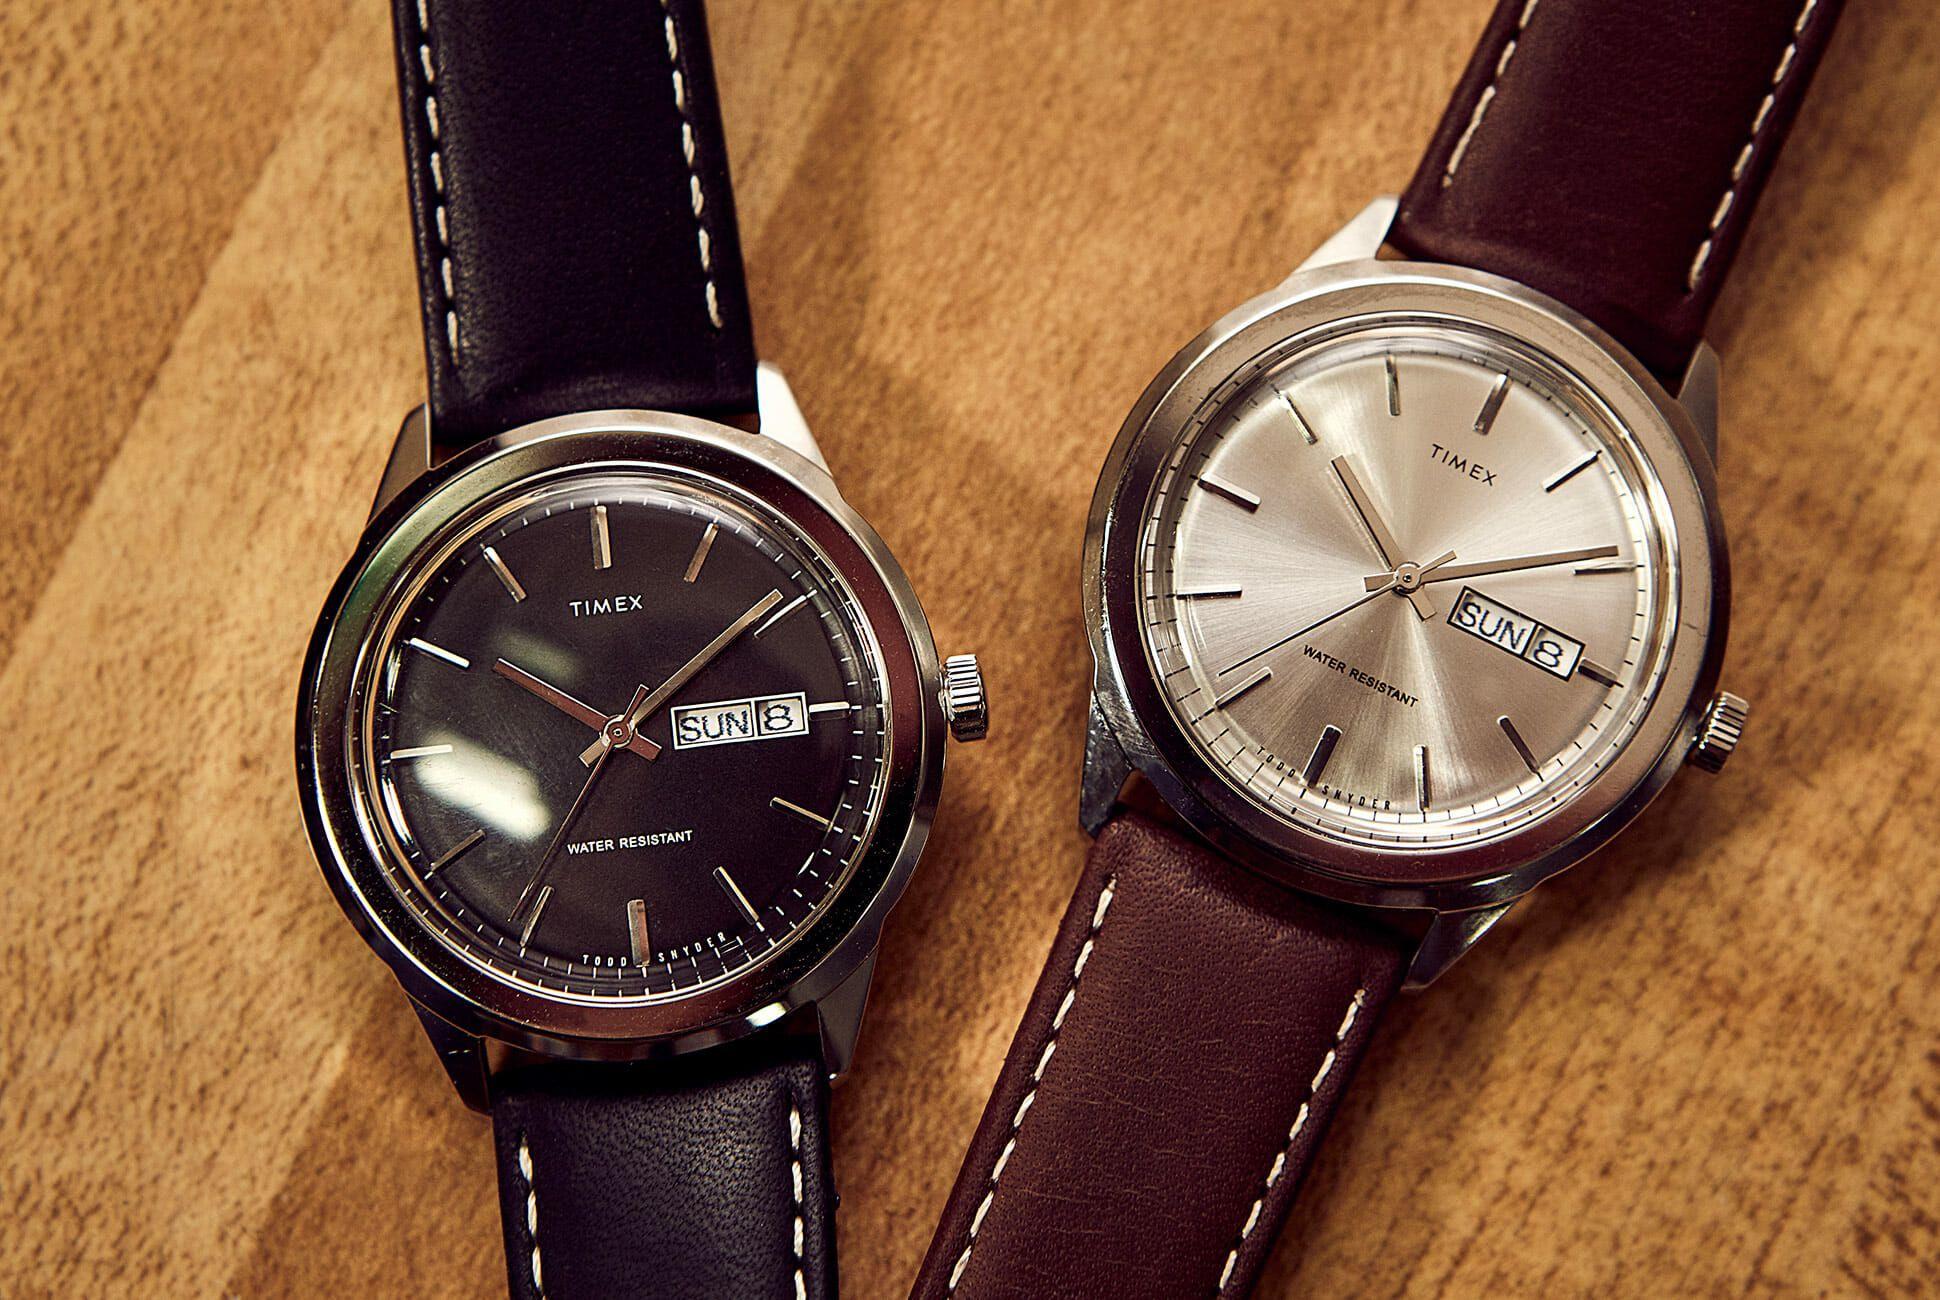 Todd-Snyder-x-Timex-Mid-Century-Watch-gear-patrol-slide-0